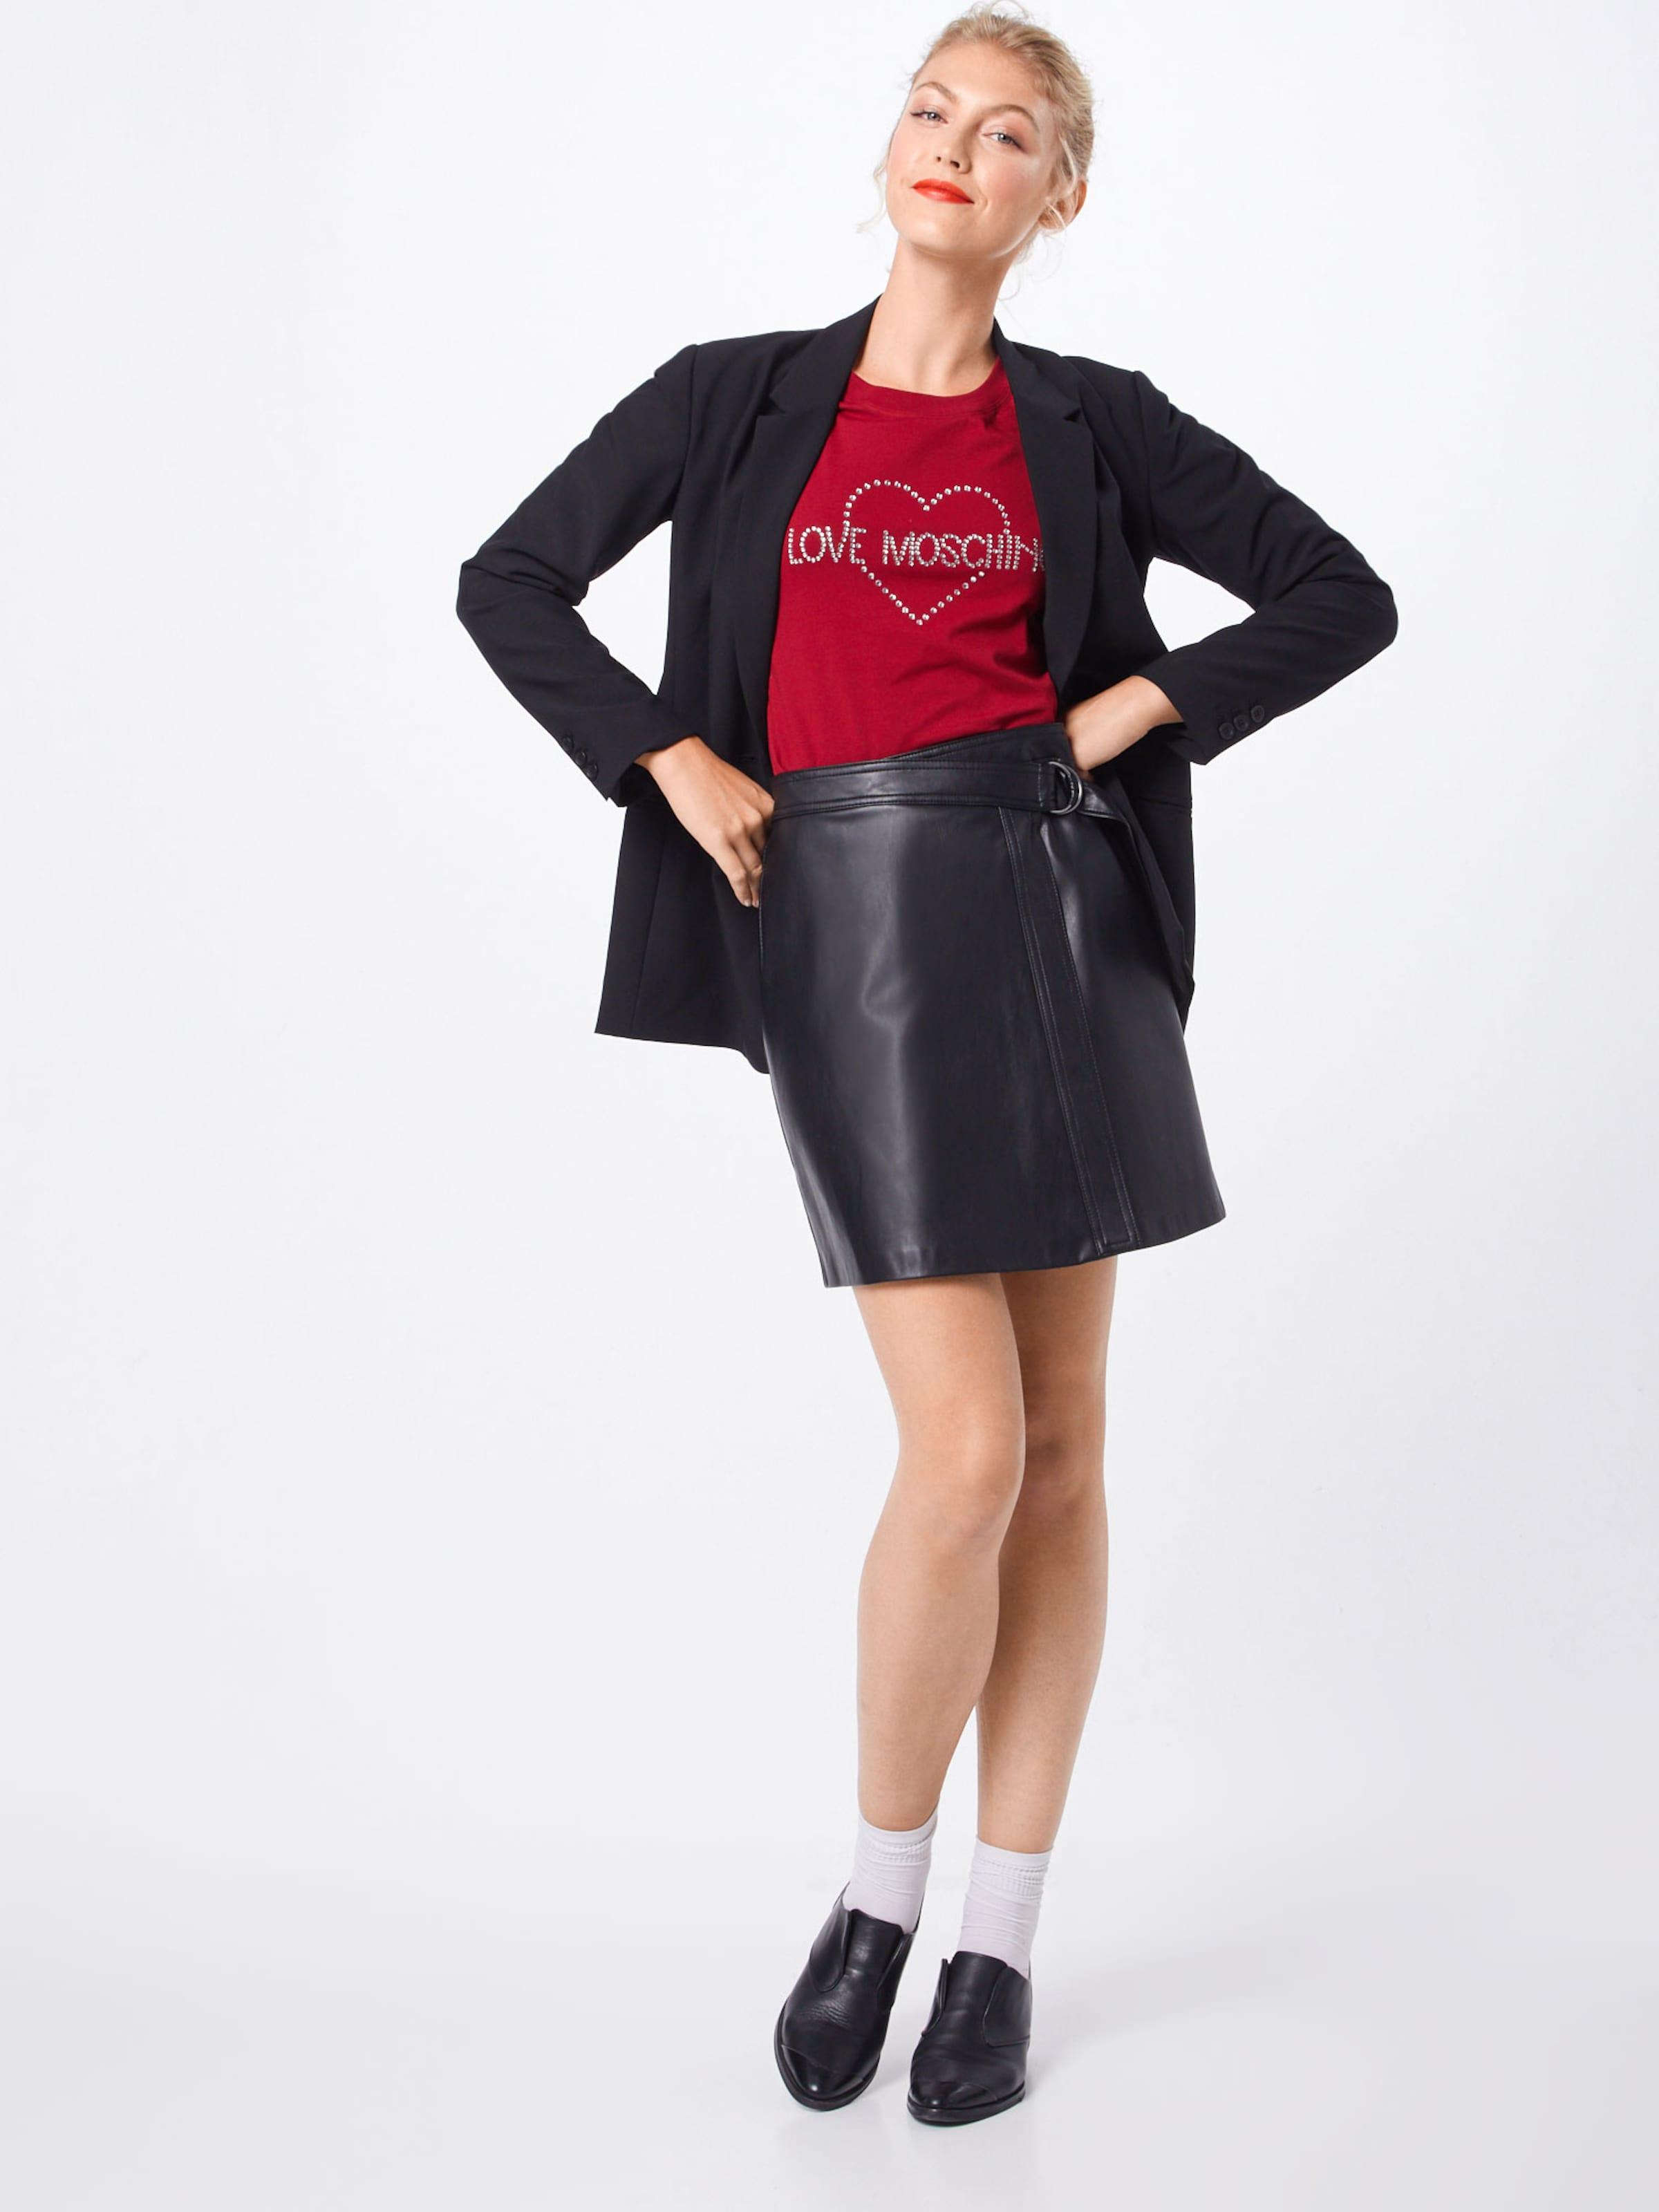 Love Moschino Shirt In Rot 'maglietta' drCxBtohsQ